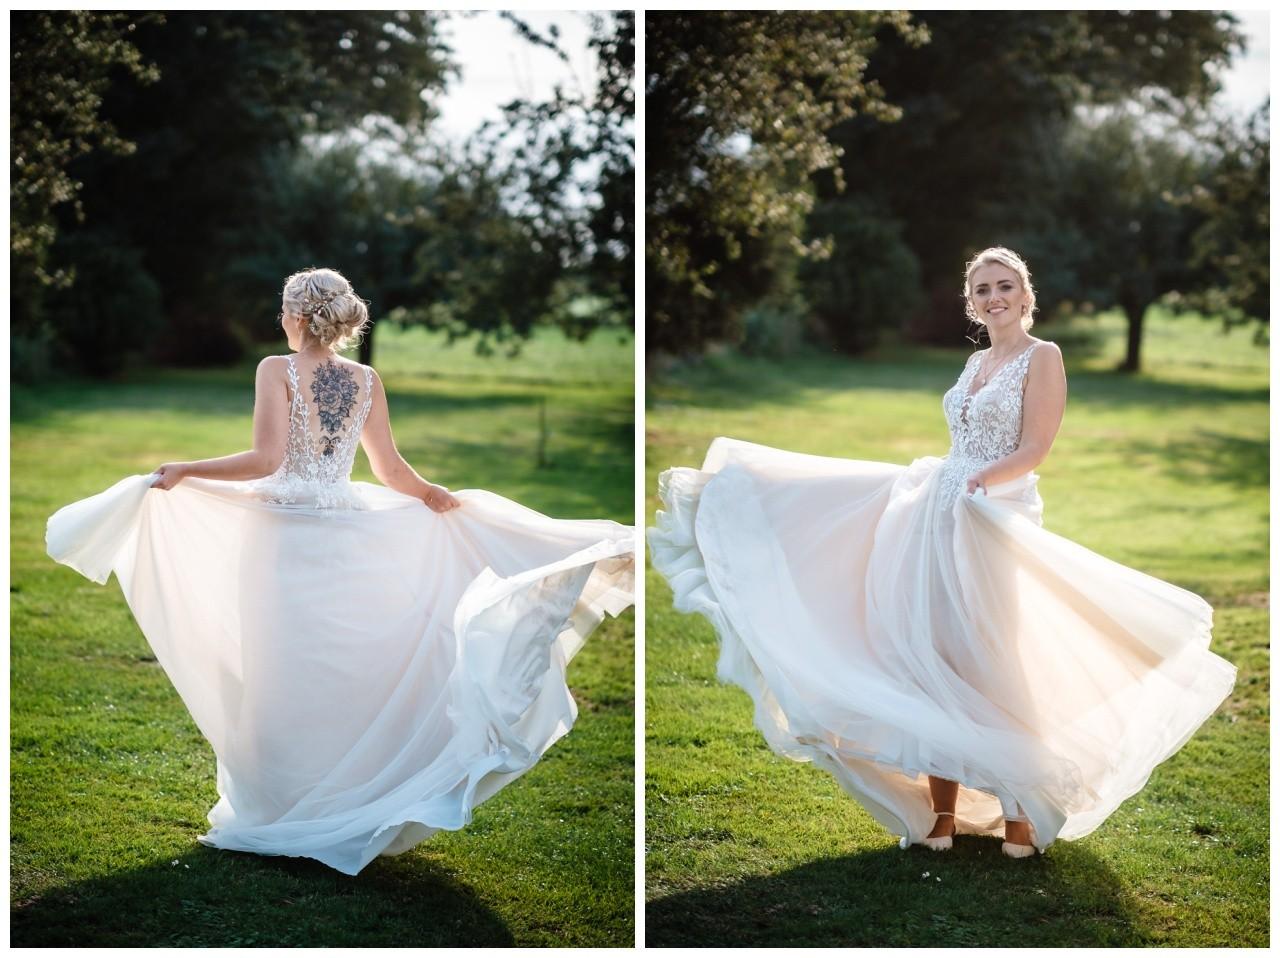 Gartenhochzeit hochzeit garten draussen fotograf corona hochzeitsfotograf 45 - DIY Hochzeit im Garten